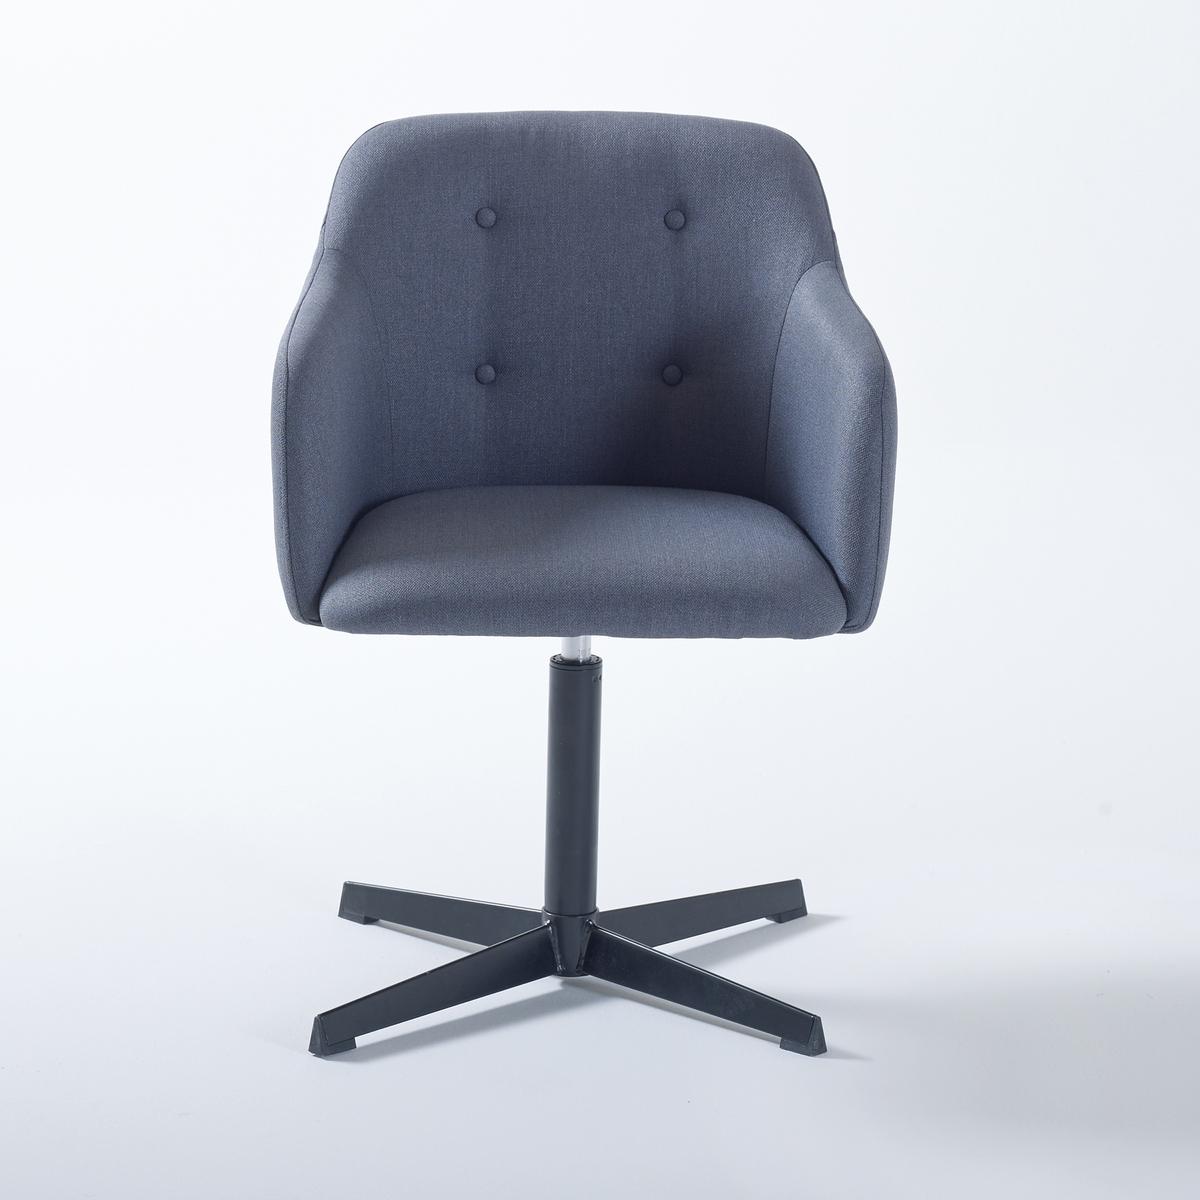 Кресло офисное поворотное NumaКресло офисное поворотное Numa. Эргономичной формой, мягким сиденьем и стёганой подкладкой на спинке Numa обеспечивает высококлассный дизайн.Характеристики кресла офисного Numa :Сидение поворотное, не регулируется по высоте .Сиденье и спинка из 100% полиэстера.Прокладка пористая из полиуретана.Ножки с перекрестием из стали с эпоксидным покрытием чёрного цвета.Все стулья и кресла офисные Вы найдёте на сайте laredoute.ruРазмеры кресла офисного Numa :ОбщиеШирина : 64,5 смВысота : 79 смГлубина : 67,5 см.Сиденье : длина 41 x высота 45 x глубина 43,5 смНожки : В.32 смОснование : ?64,5 смРазмеры и вес упаковки :1 упаковкаДлина 62 x высота 53,5 x глубина 58,5 см11 кг.Доставка :Ваше кресло офисное поворотное Numa продаётся в сборе. Возможна доставка до квартиры !Внимание   ! Убедитесь, что товар возможно доставить на дом, учитывая его габариты (проходит в двери, по лестницам, в лифты).<br><br>Цвет: темно-серый